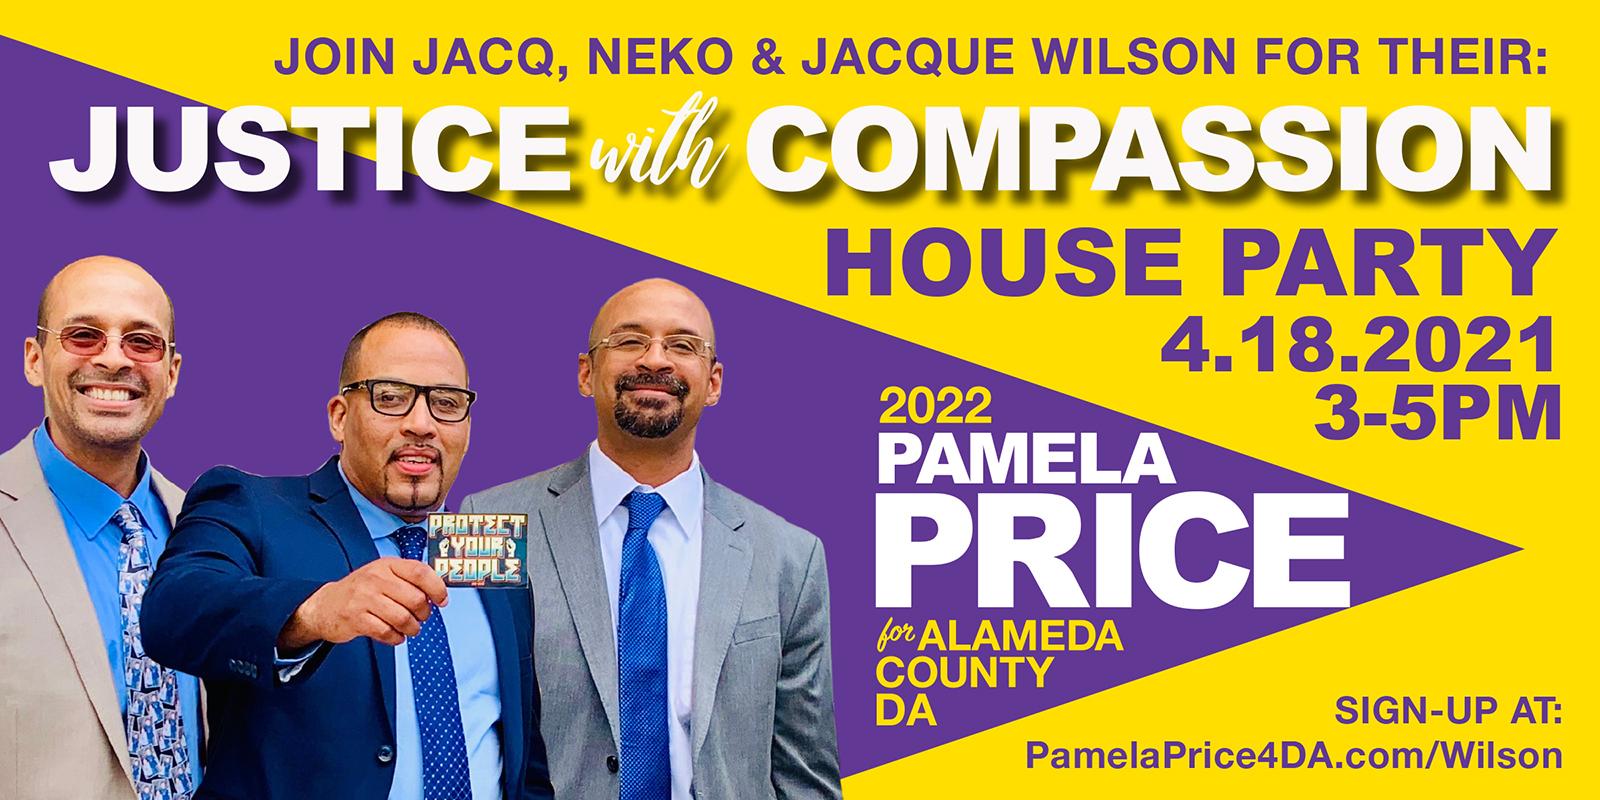 Wilson Party Invite